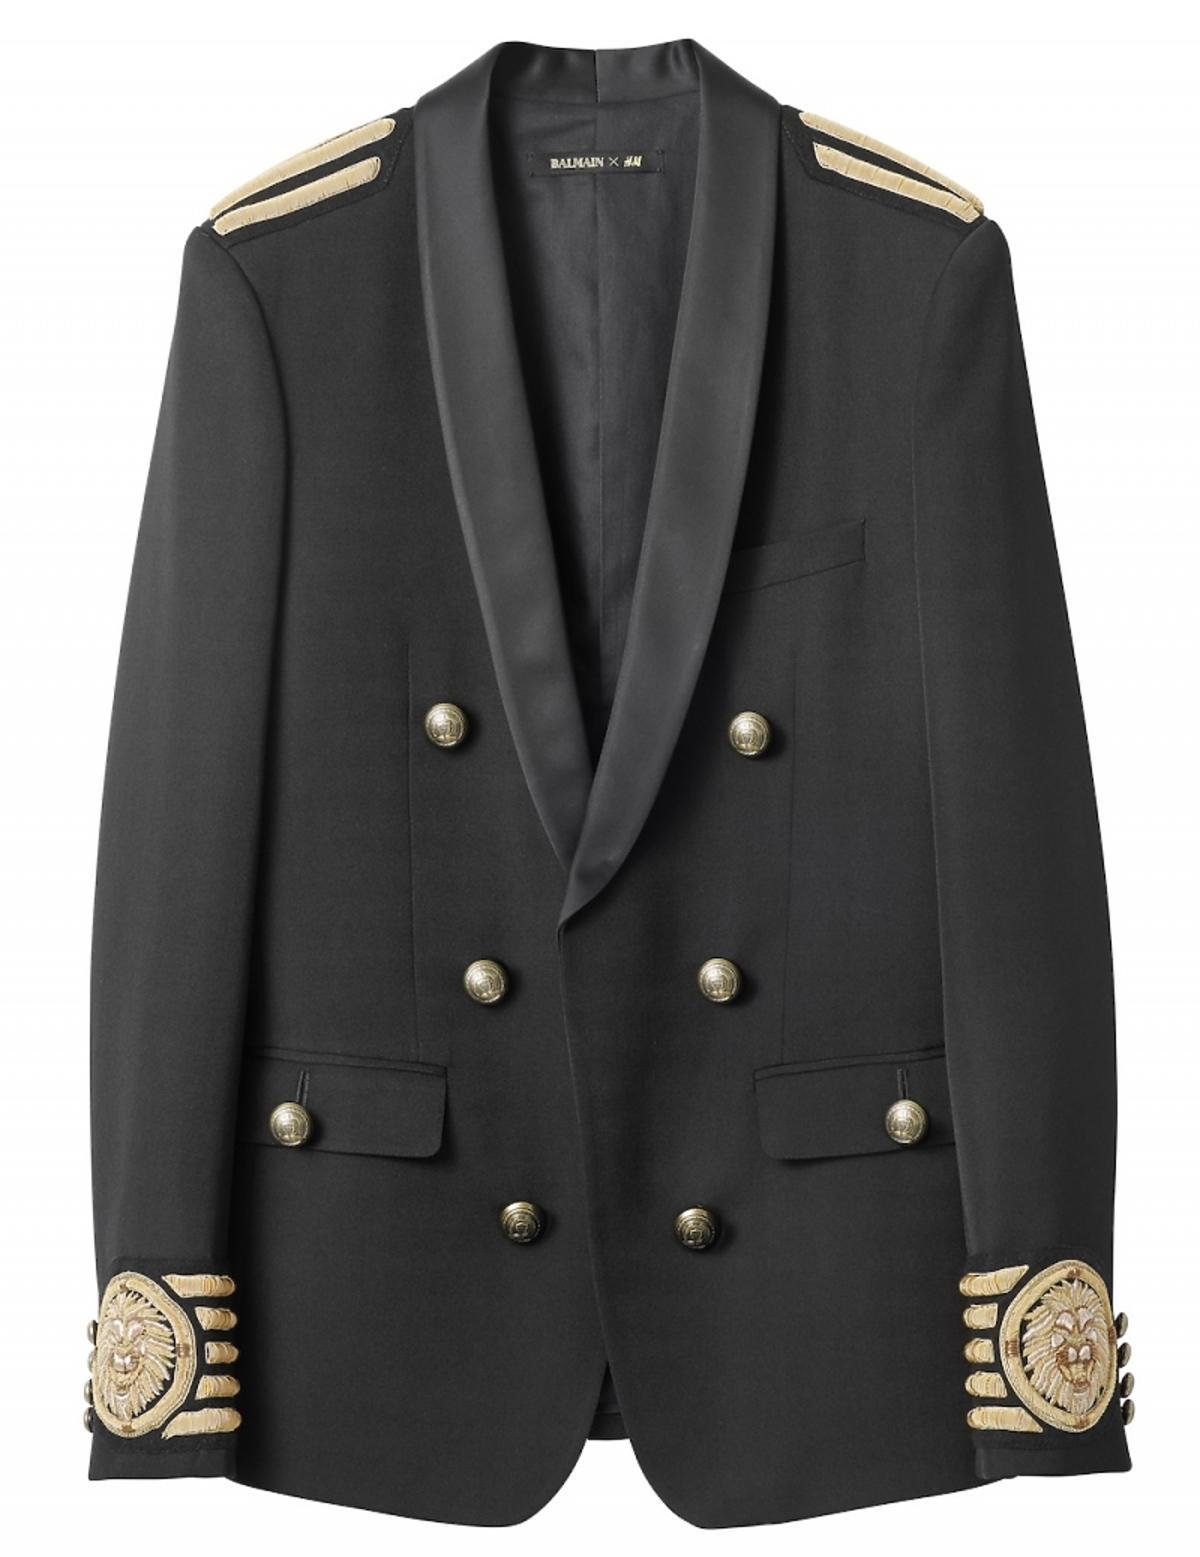 Czarna marynarka Balmain dla H&M ze złotymi guzikami